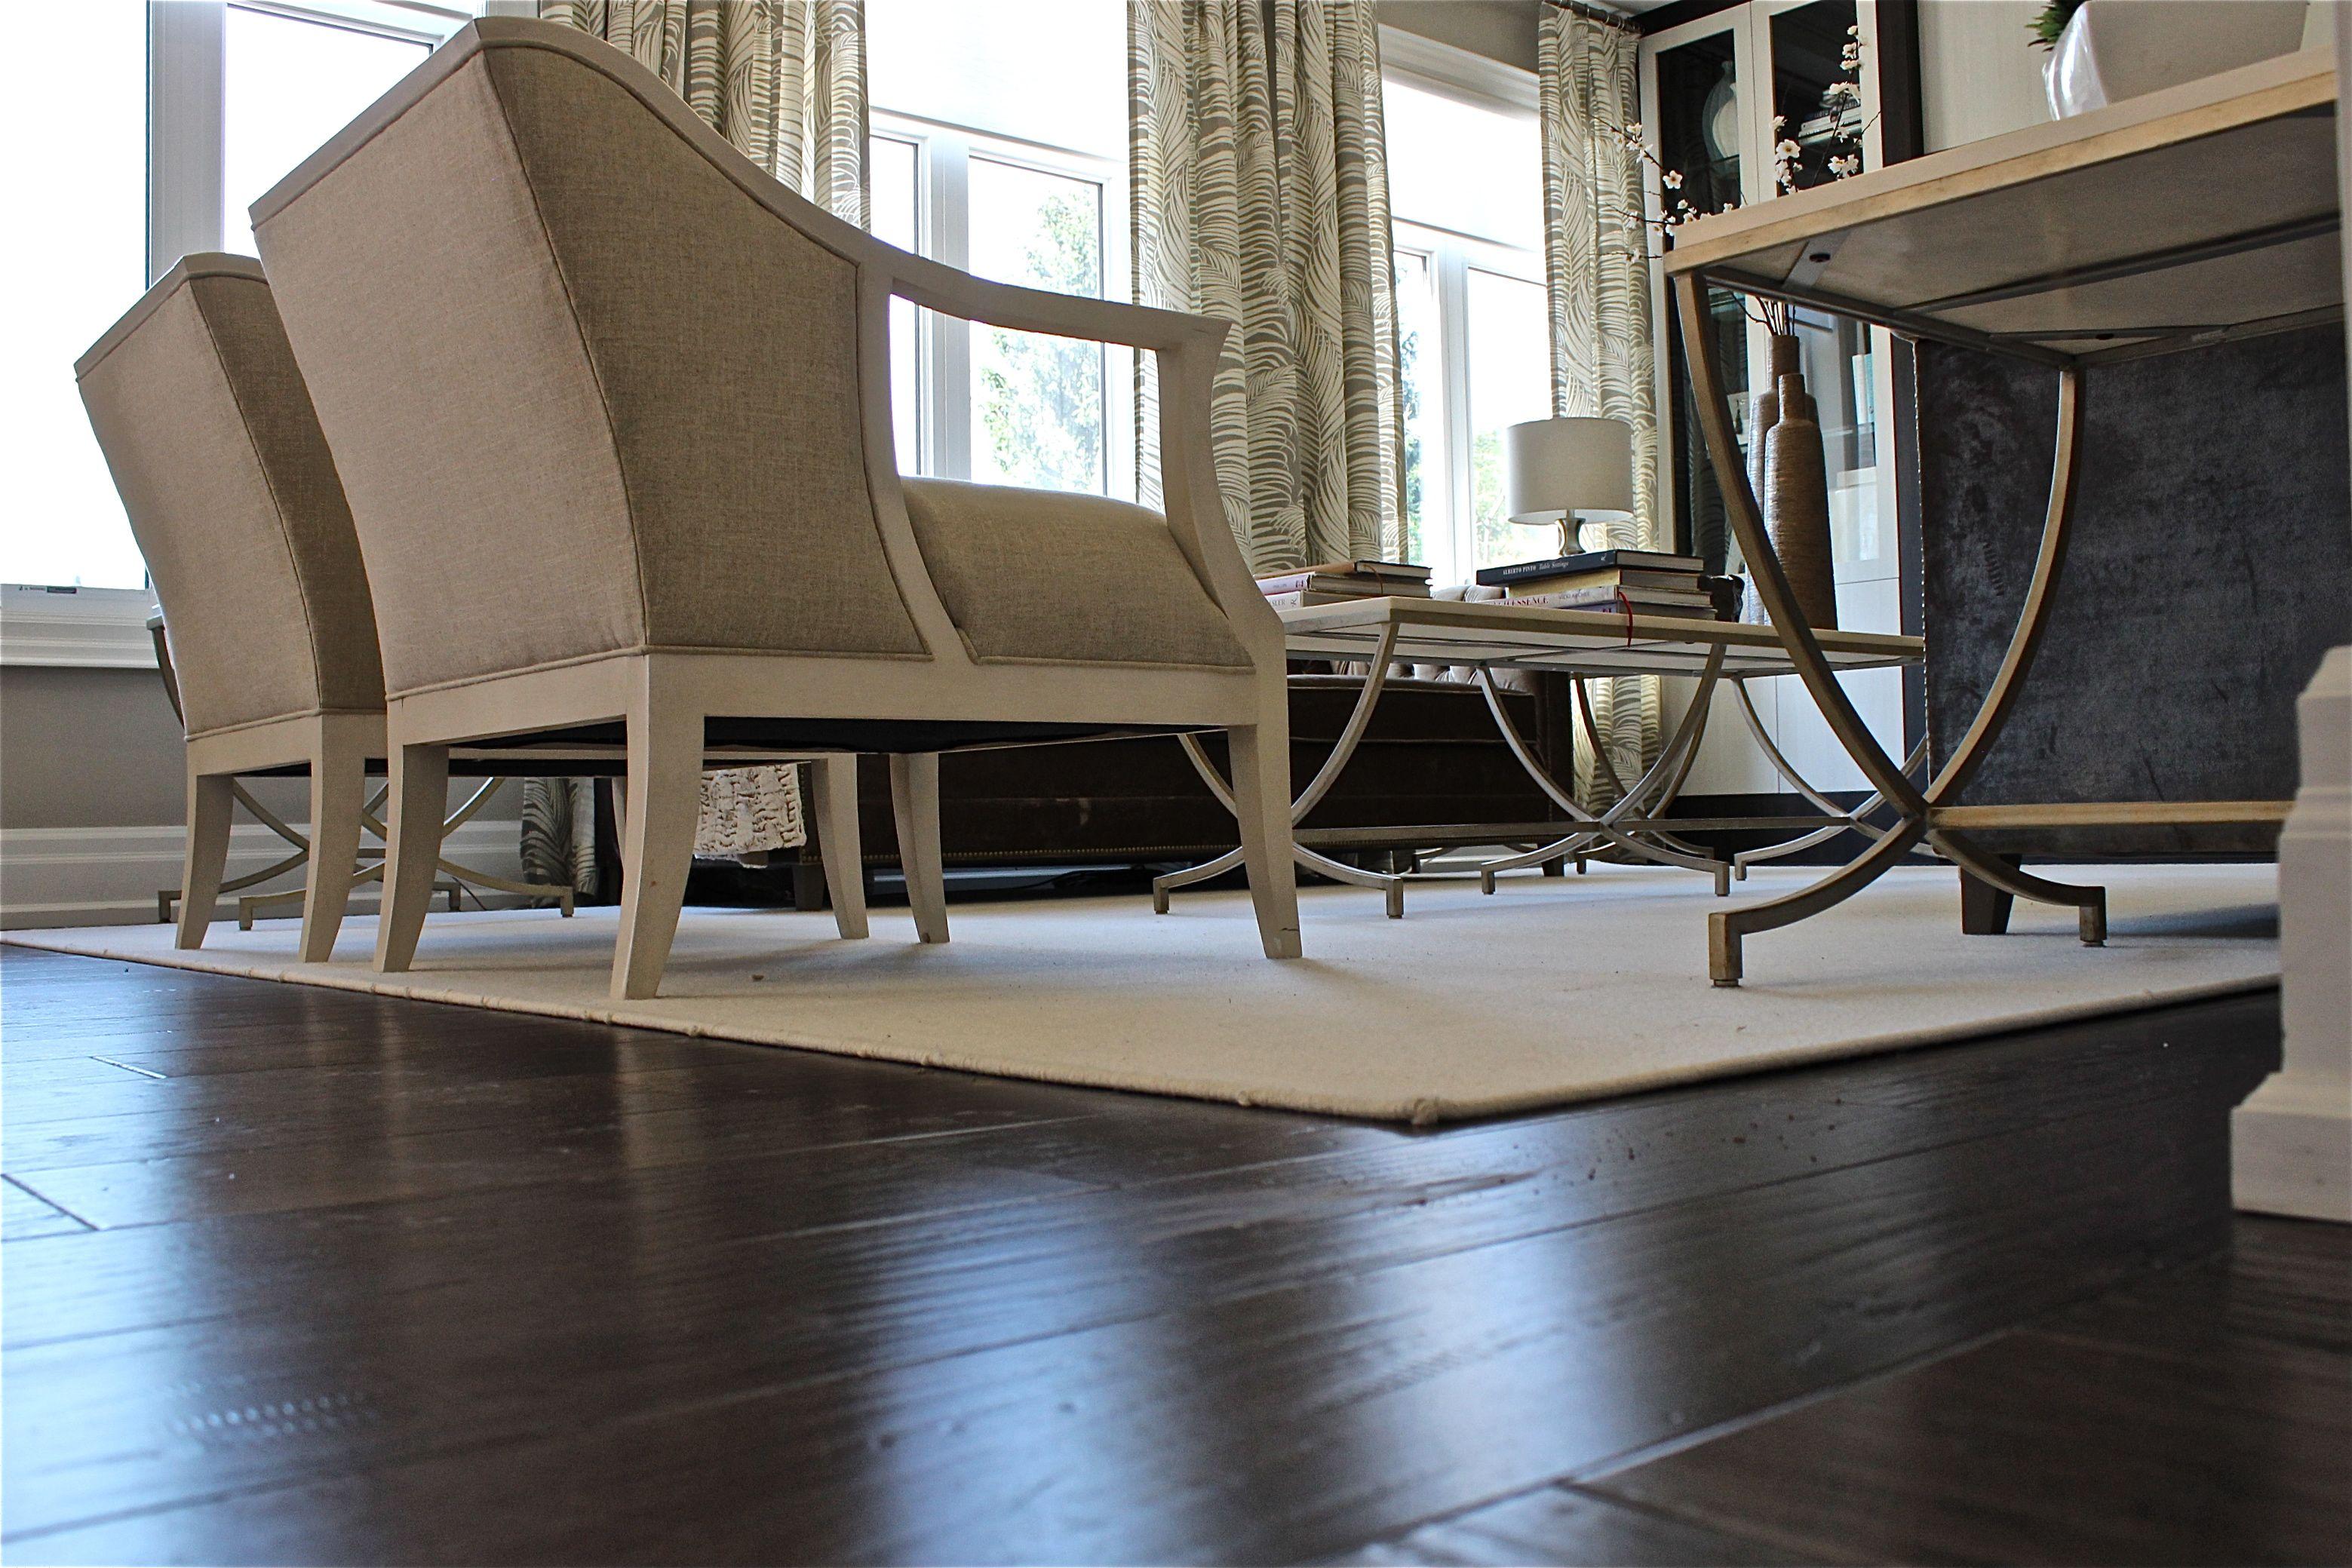 Milton Hardwood Floors Installed These Fernbrook Luxury Homes In Oakville Ontario Hardwoodfloors Fernbrookhomes Miltonhardwoodfloors Miltonontario